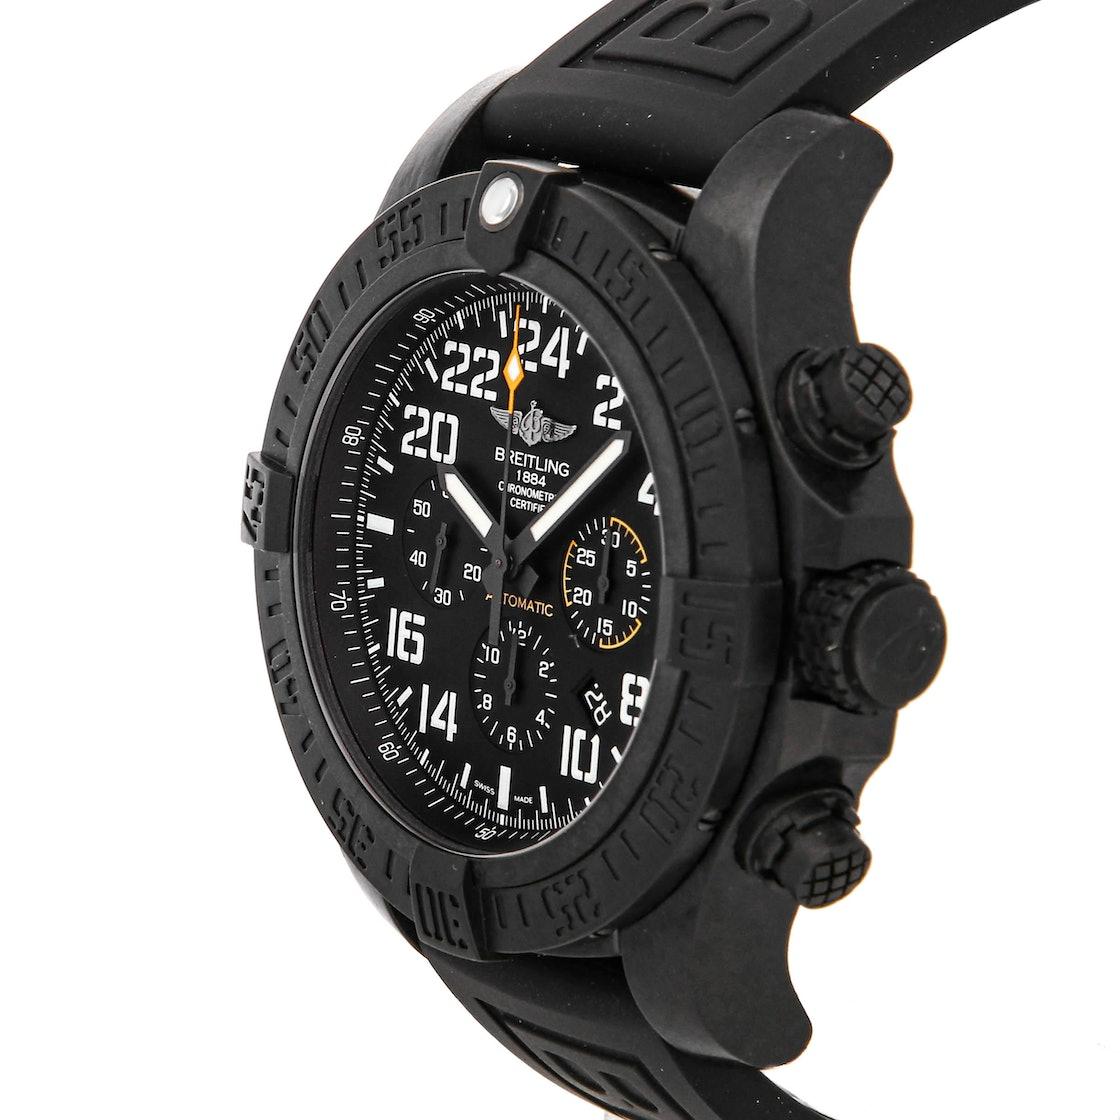 Breitling Avenger Hurricane Chronograph XB0170E4/BF29